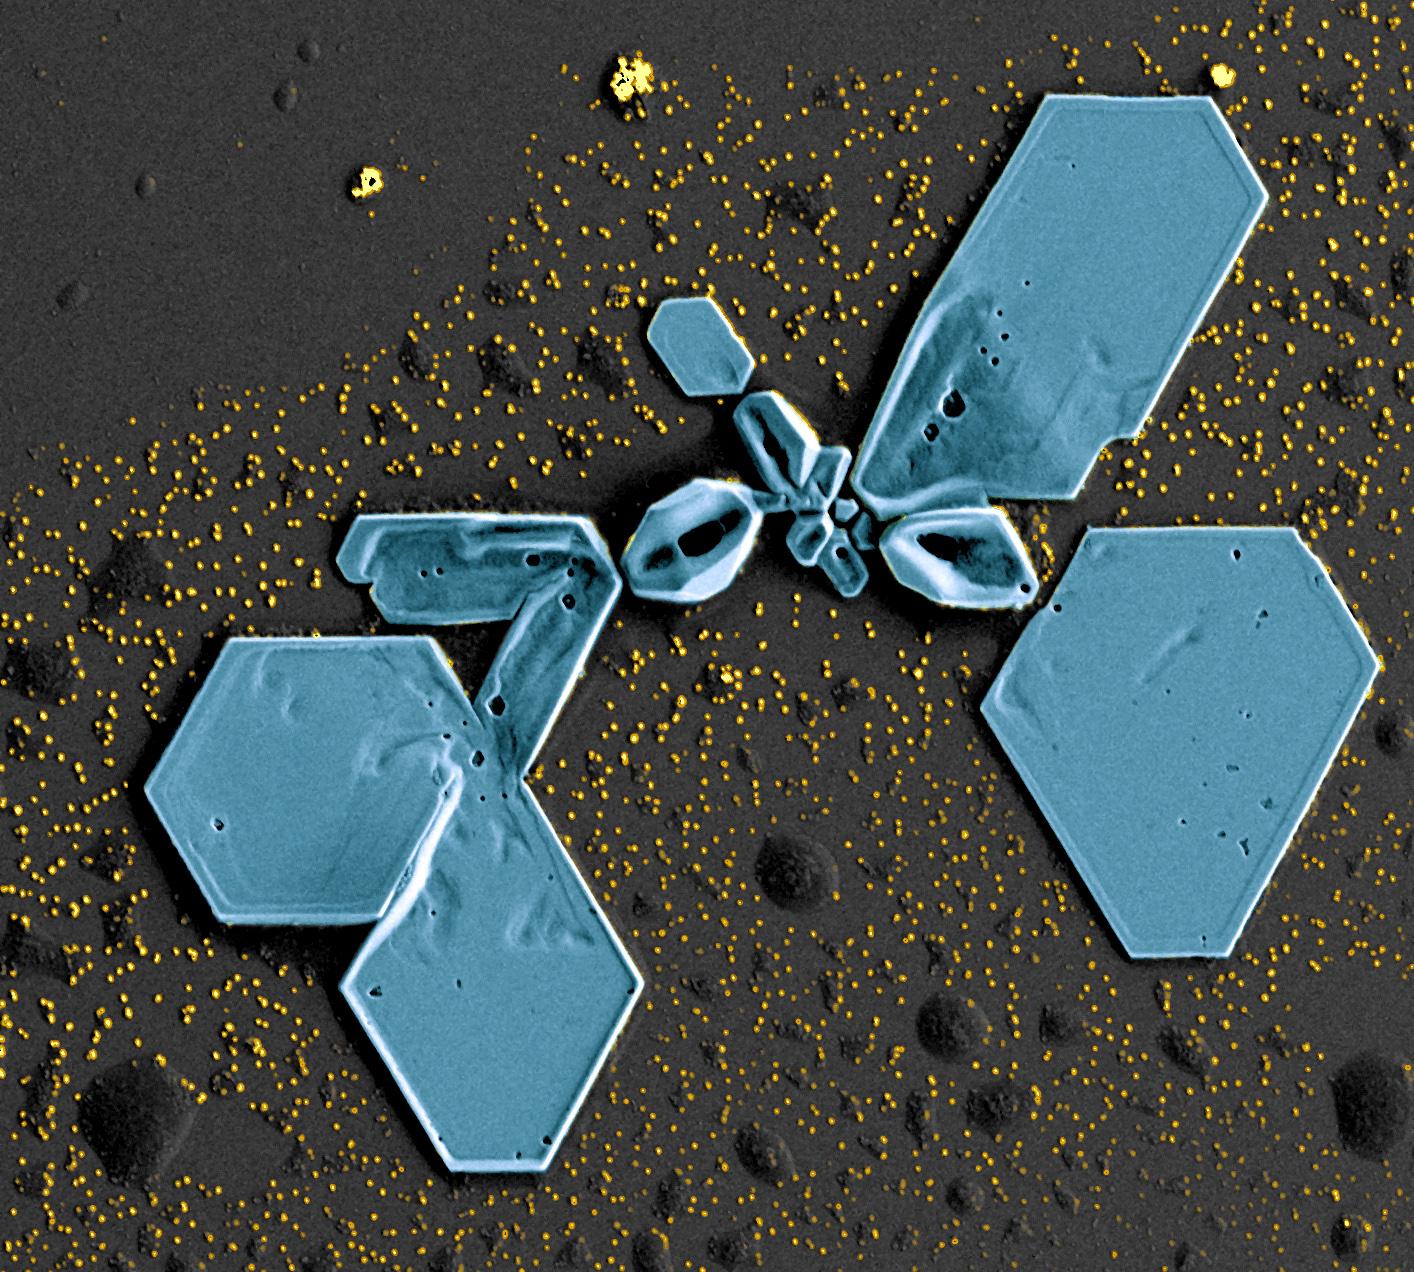 Nanoparticules d'or observées au microscope électronique à balayage